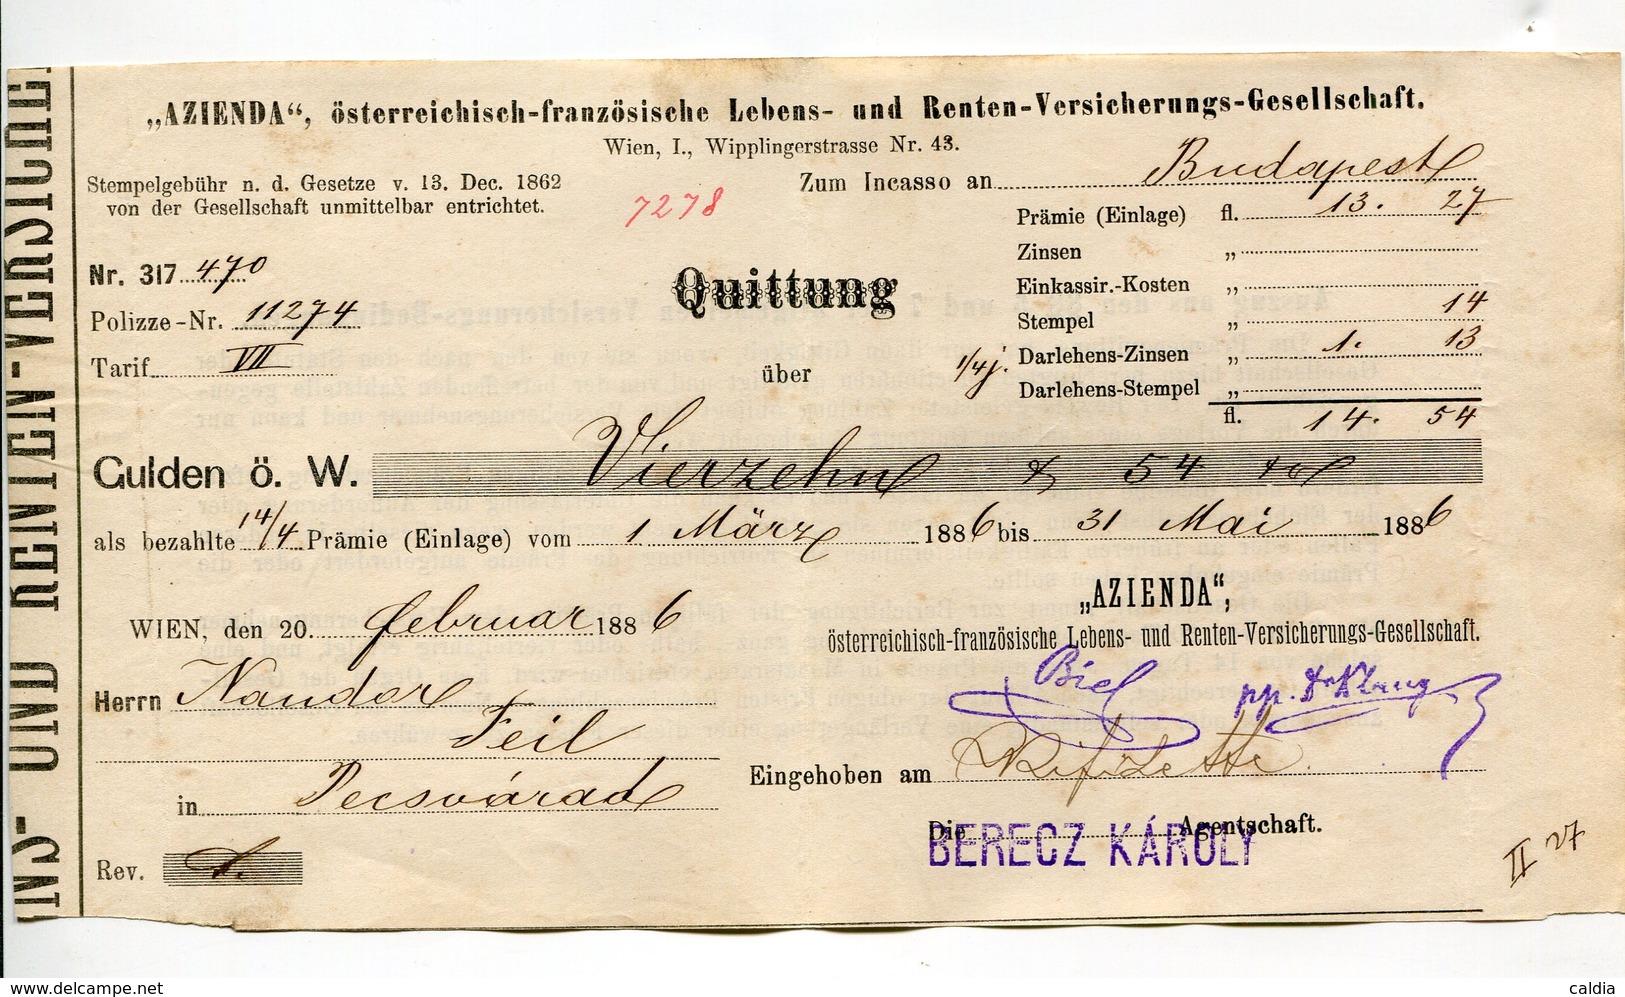 """Autriche Austria Österreich Ticket QUITTUNG """" AZIENDA """" Austria - France Society 1886 # 1 - Autriche"""